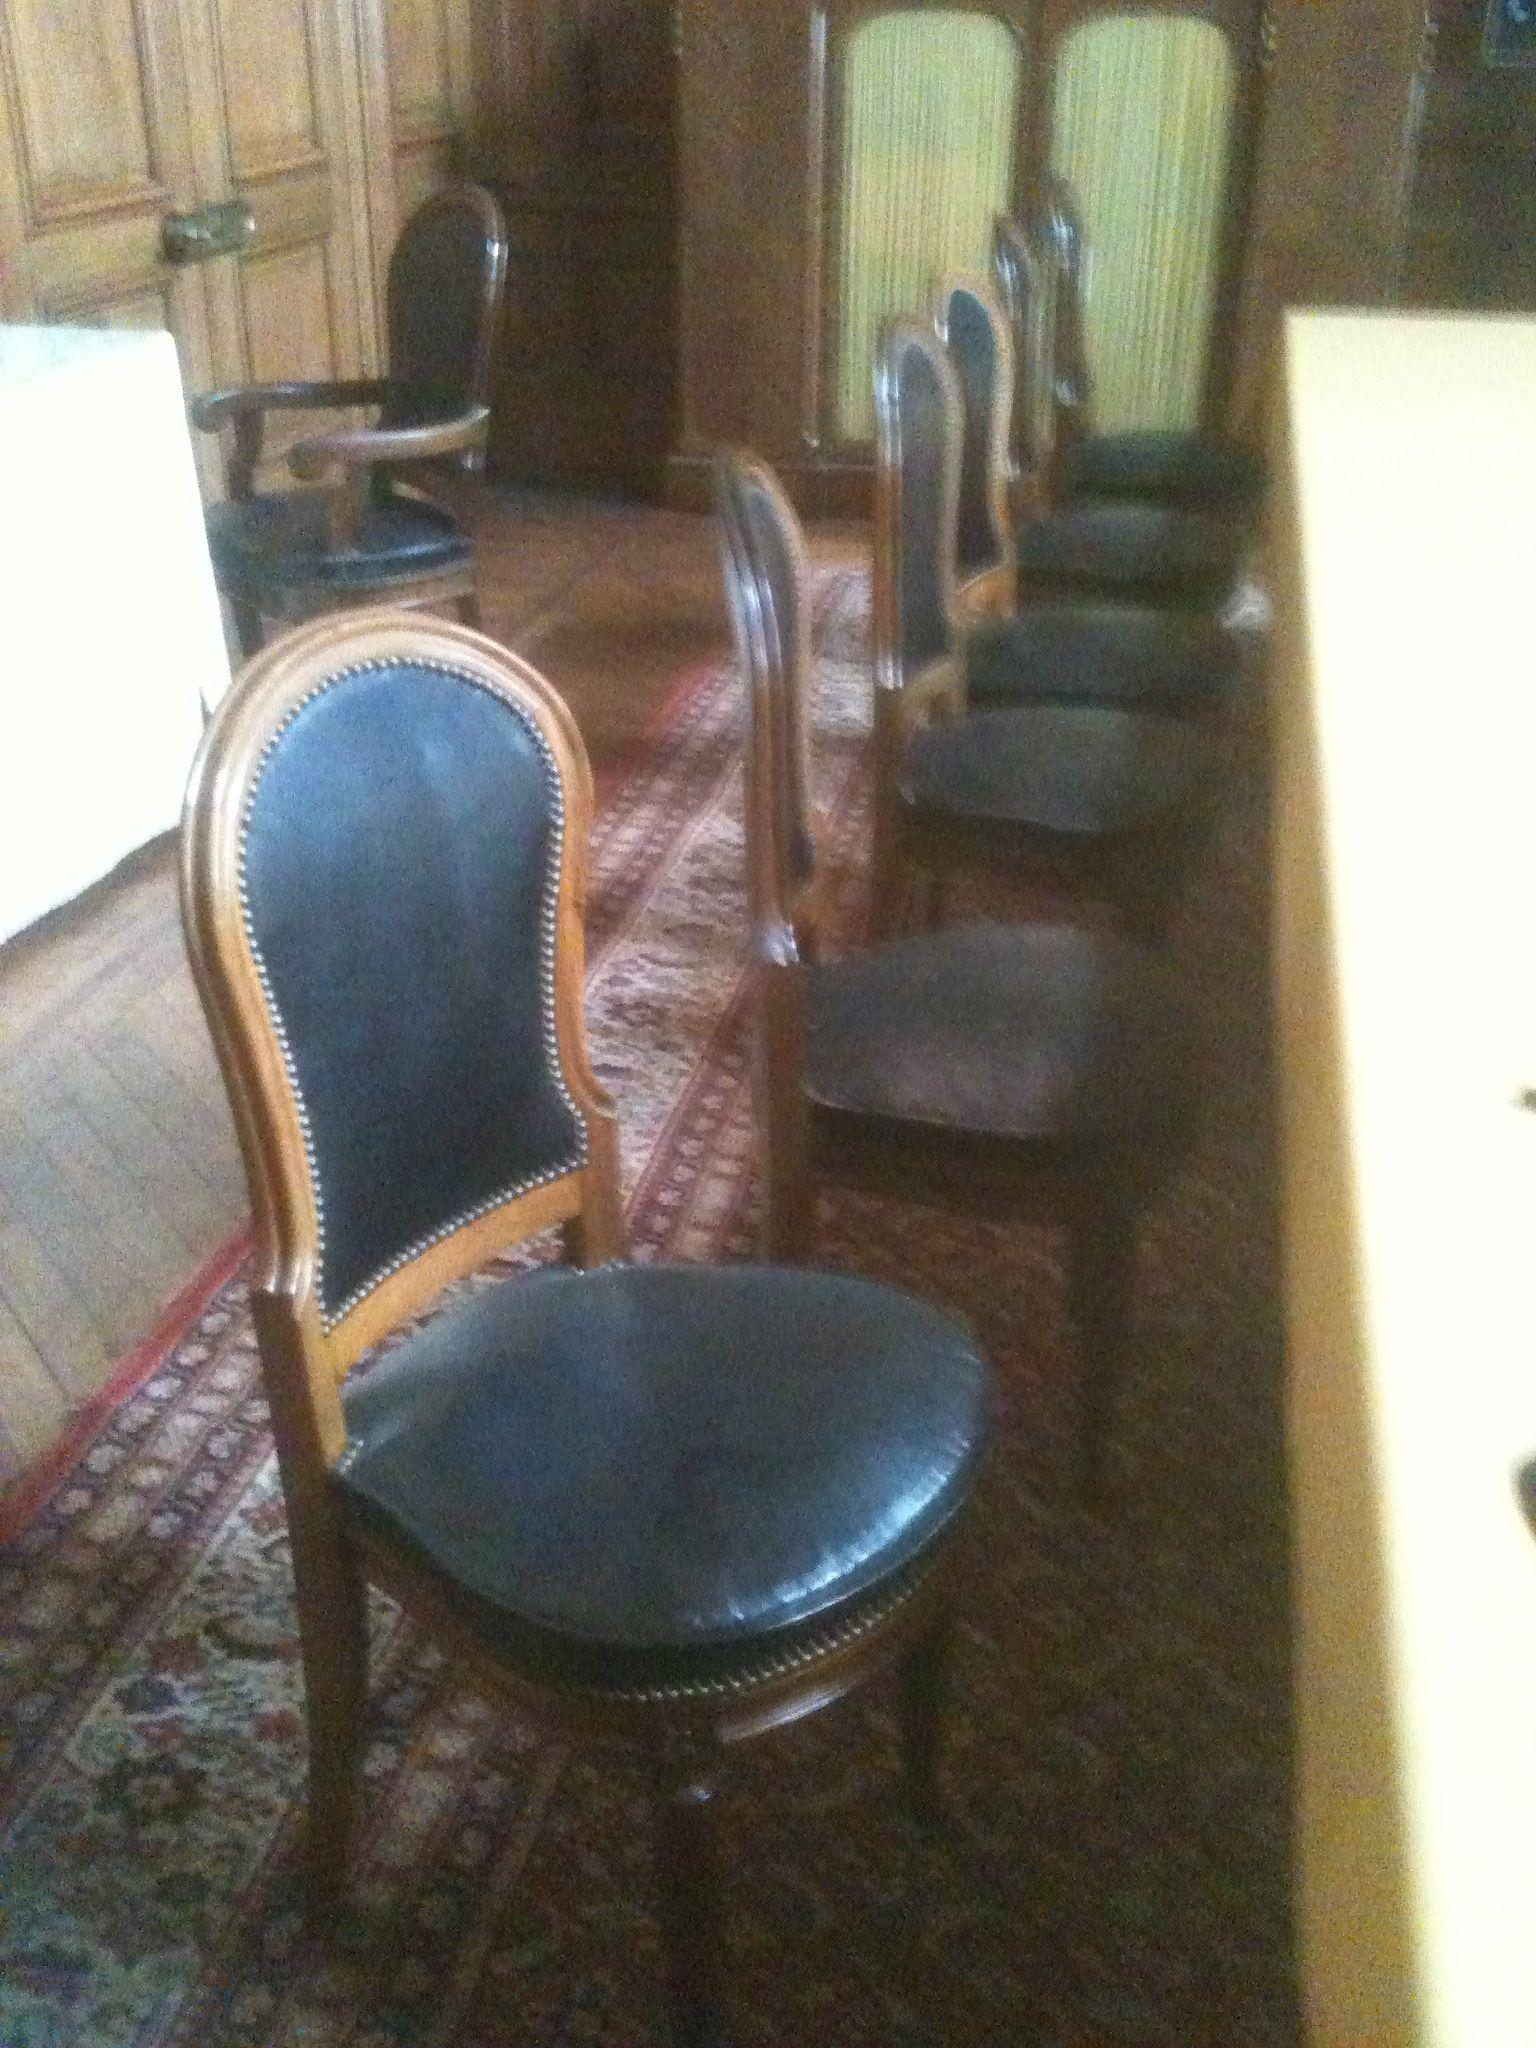 chaise néo-classique fin XVIIIe - début XIXe